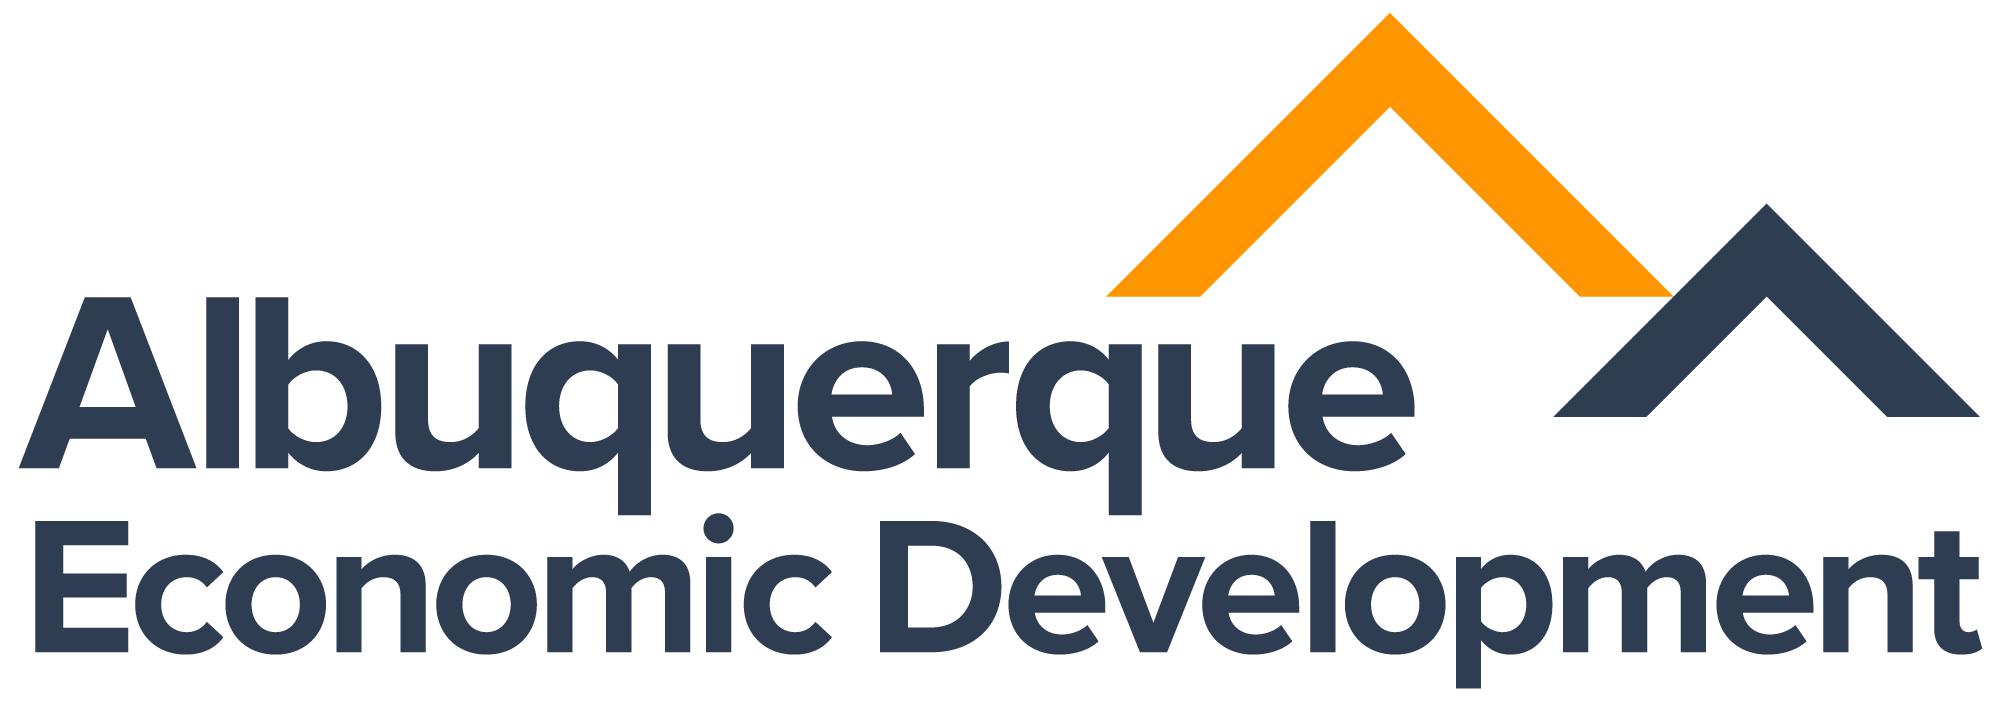 albuquerque economic development logo